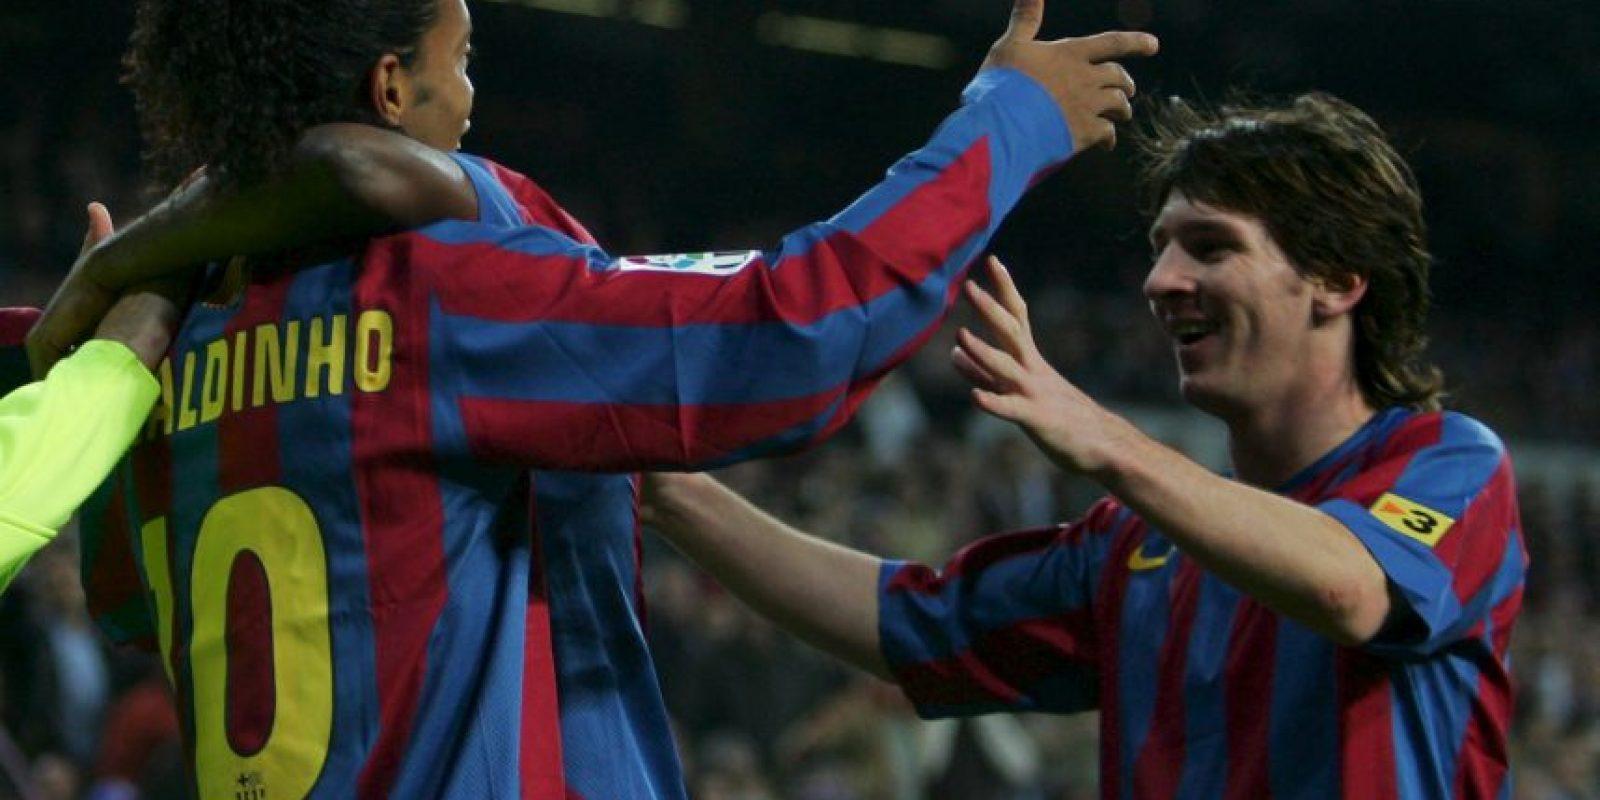 """El argentino debutó en el primer equipo cuando """"Dinho"""" era una estrella mundial y referente del Barça de Frank Rijkaard. Foto:Getty Images"""